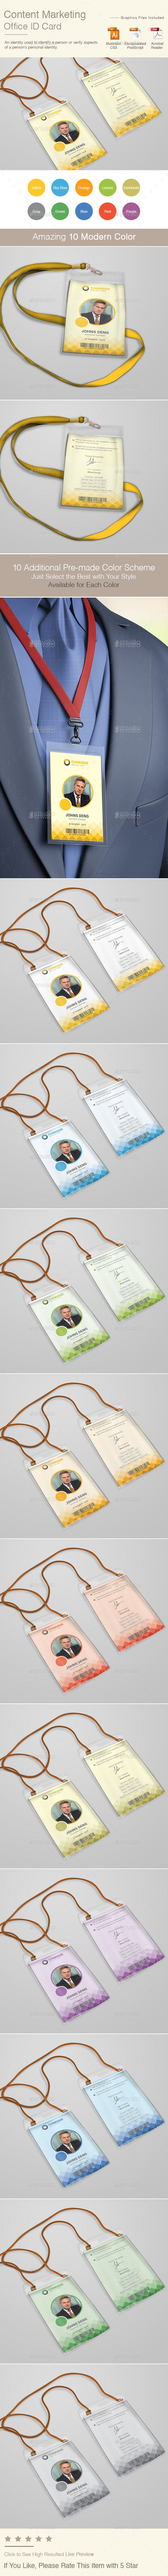 47 best id badge images on pinterest badge design brand design